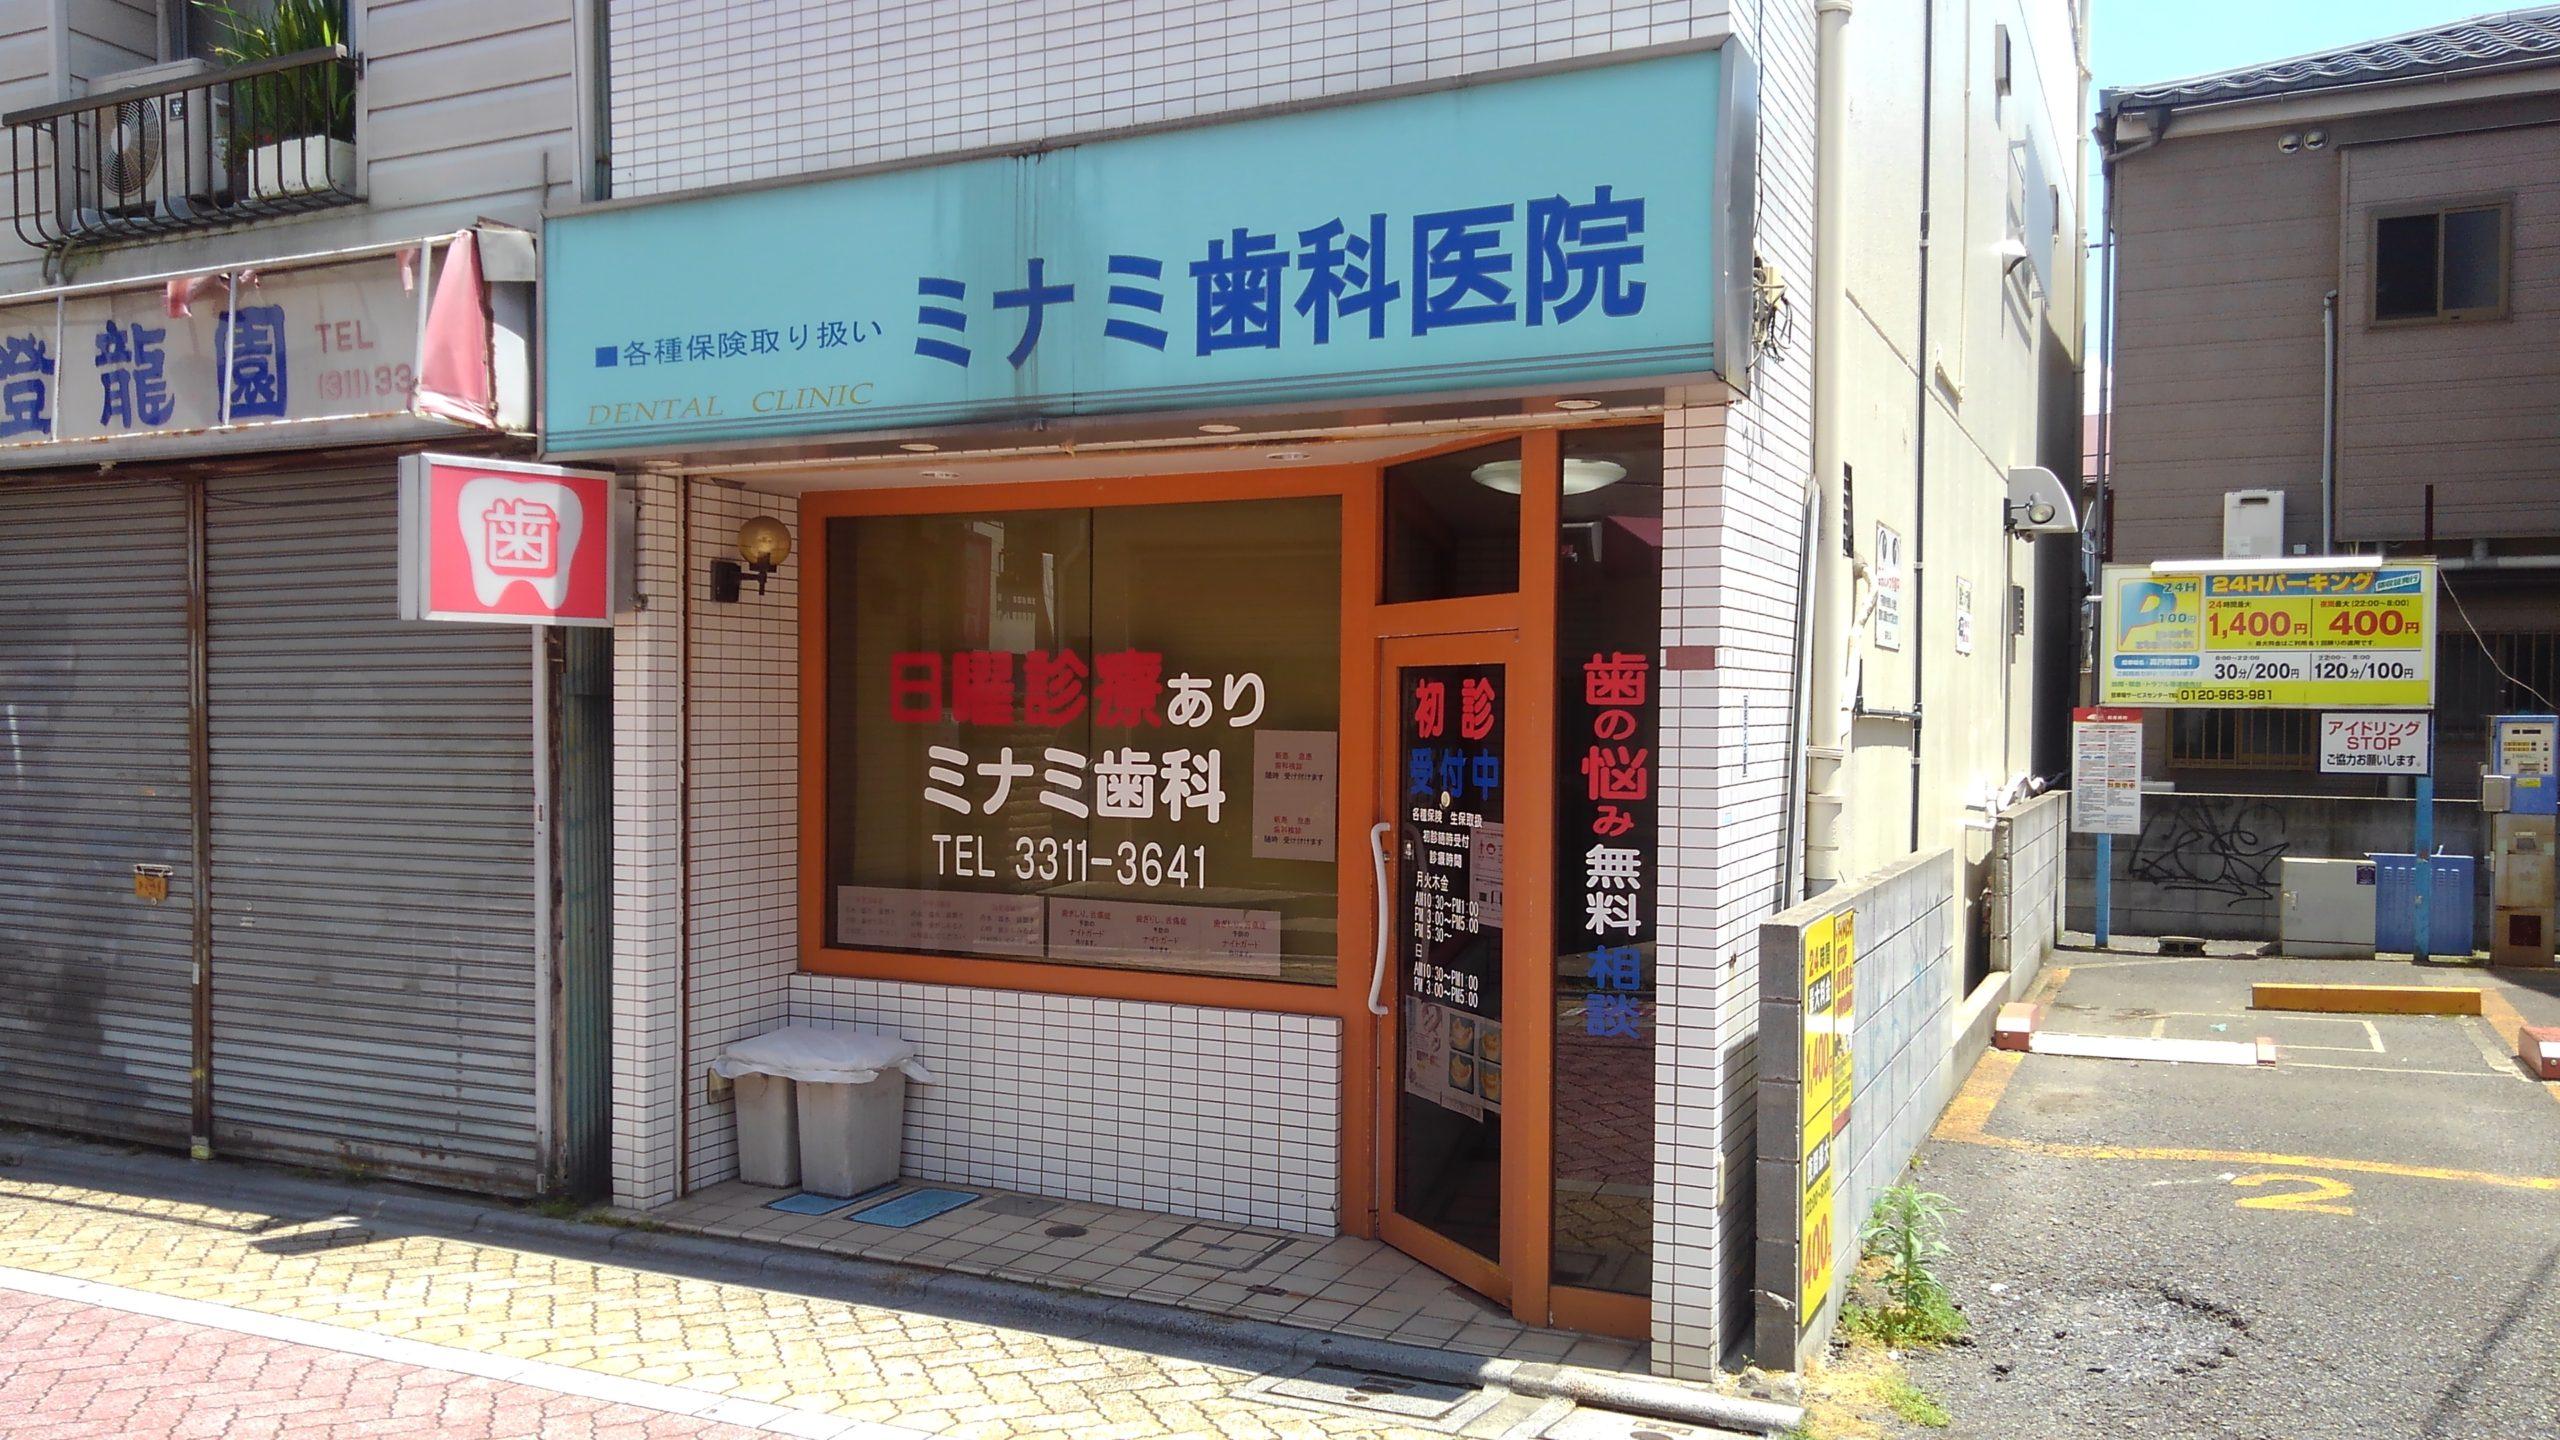 杉並区高円寺南:歯科医院の看板撤去